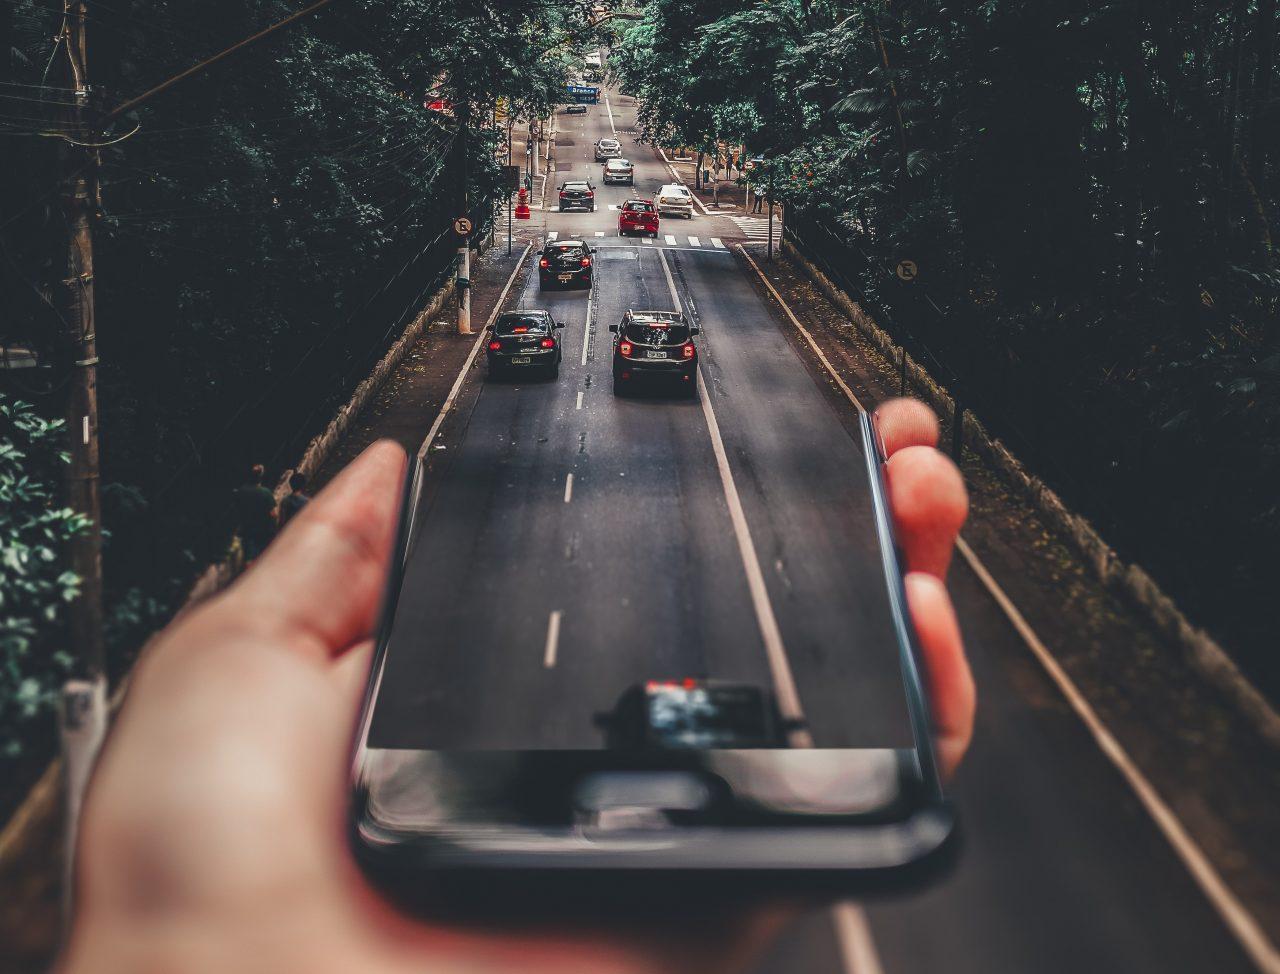 ¿Cómo es el transporte alternativo en América Latina? 7 actores lo debaten